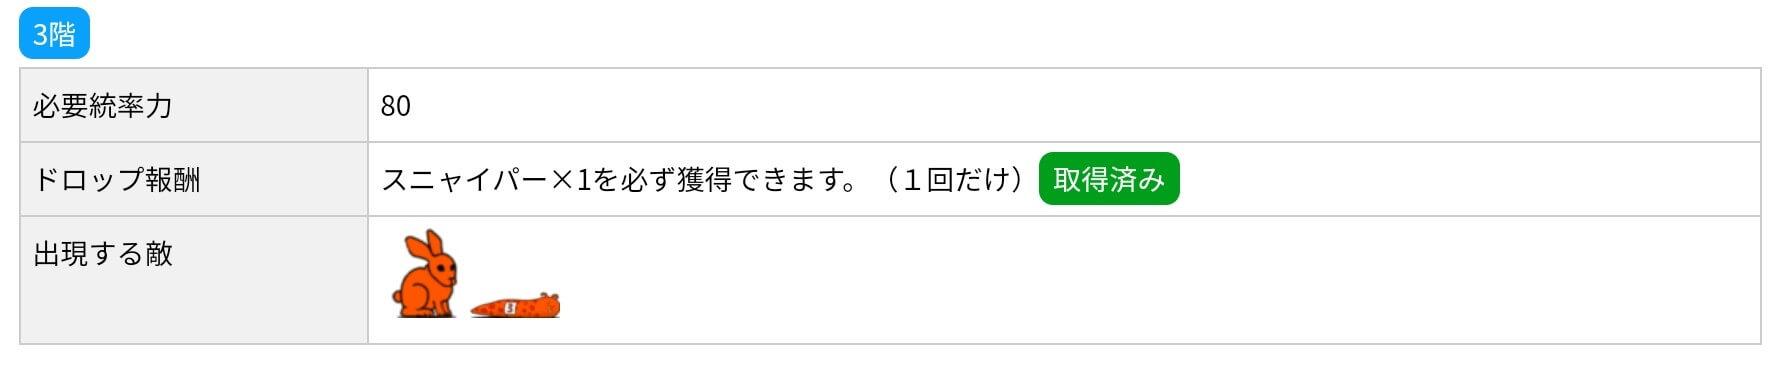 にゃんこ別塔(赤)3階 敵編成